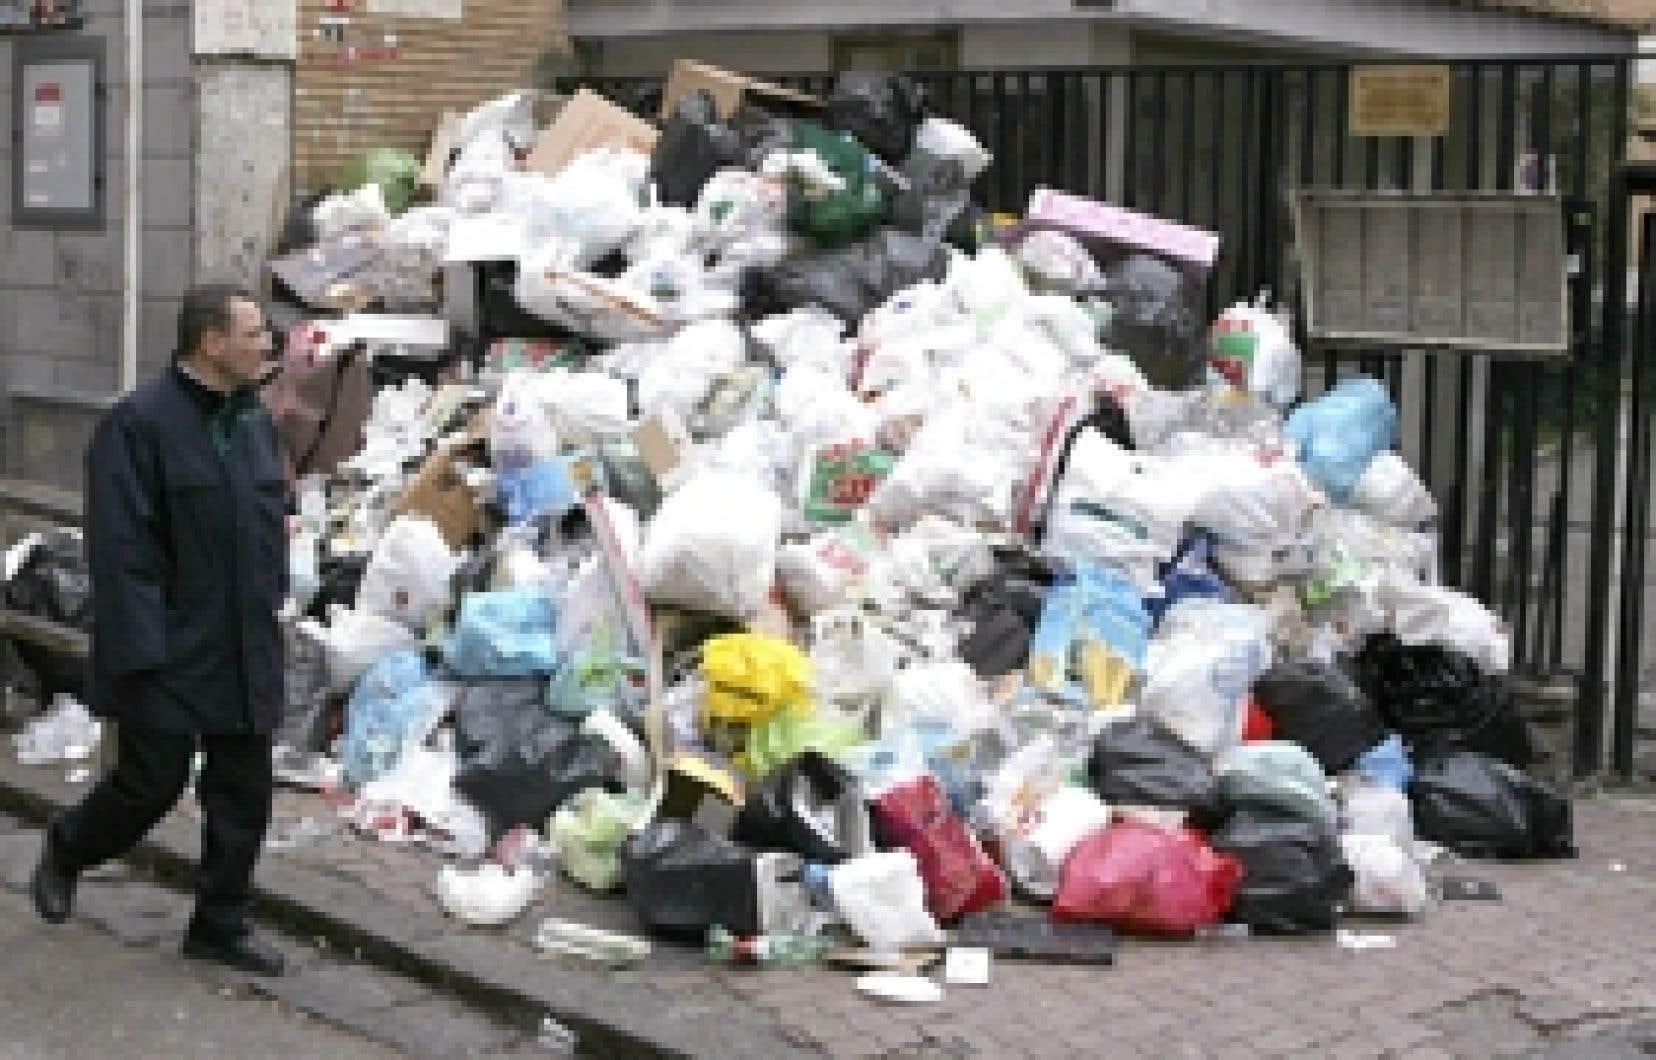 Le président de la République, Giorgio Napolitano, a dénoncé hier une «tragédie des déchets» à Naples et sa région, où  100 000 tonnes d'ordures se sont amoncelées depuis la fin de l'année.